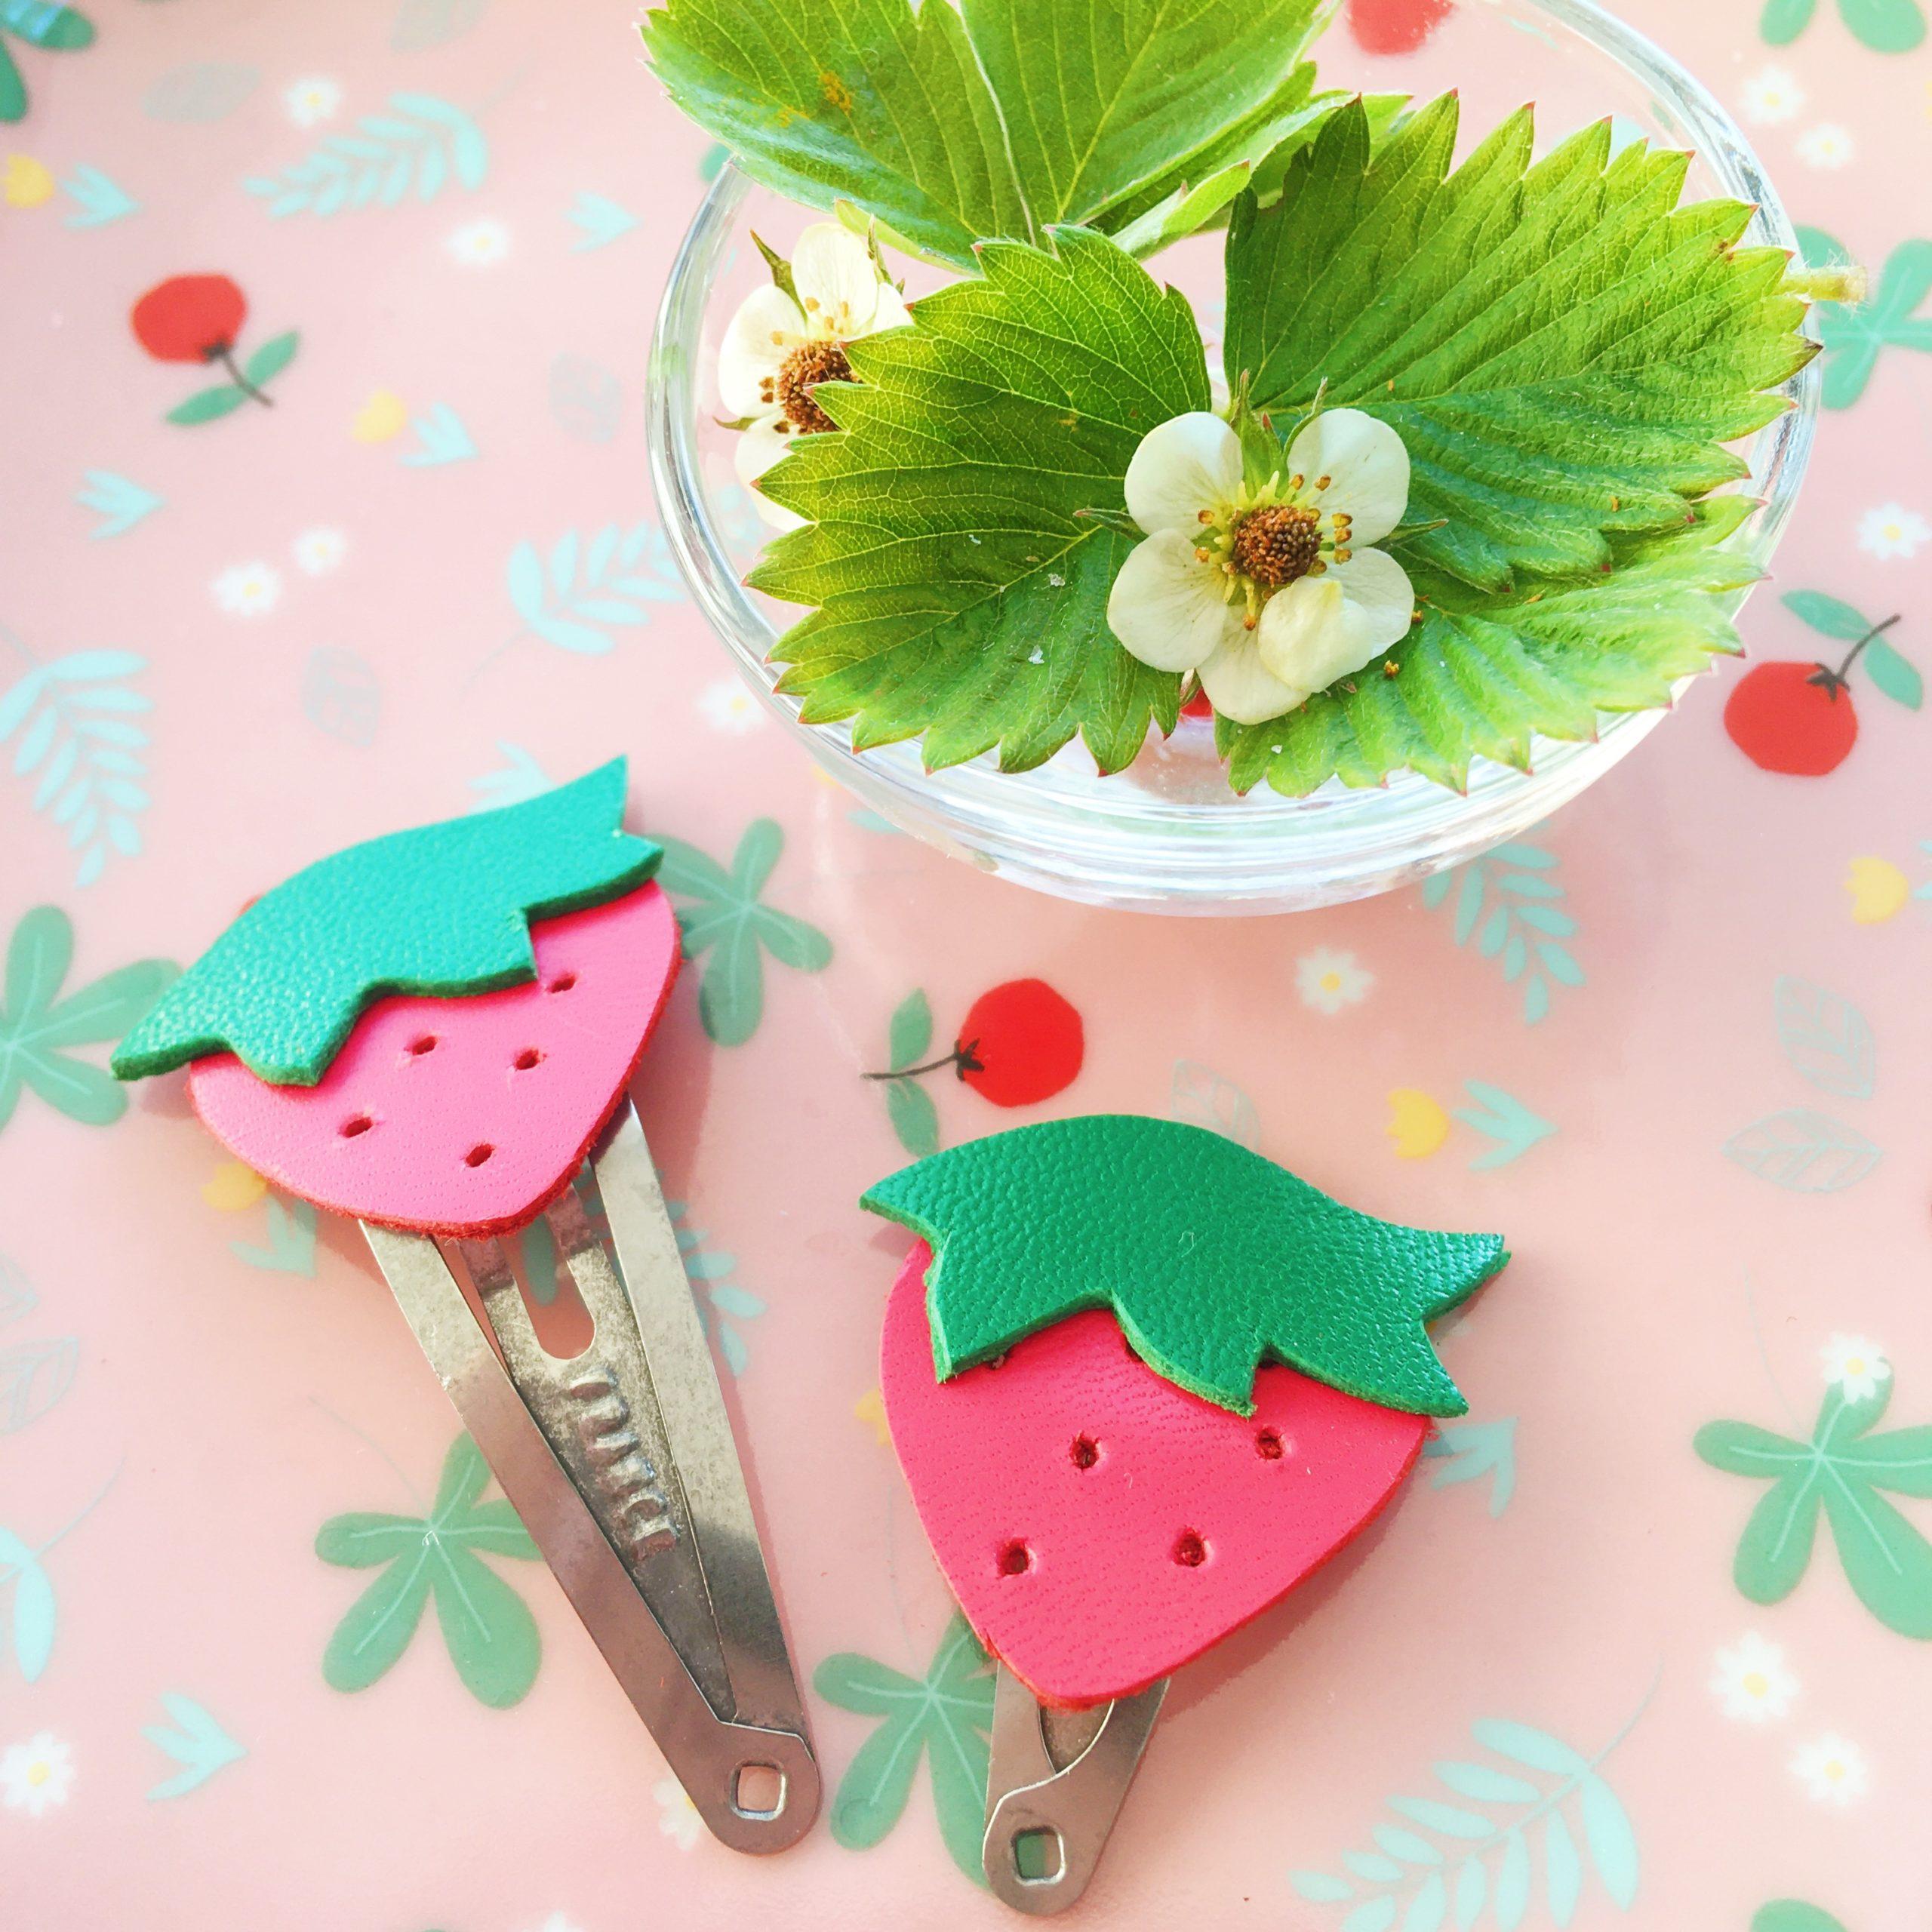 barrettes fraises rouges et vertes fabrication artisanale française - du vent dans mes valises